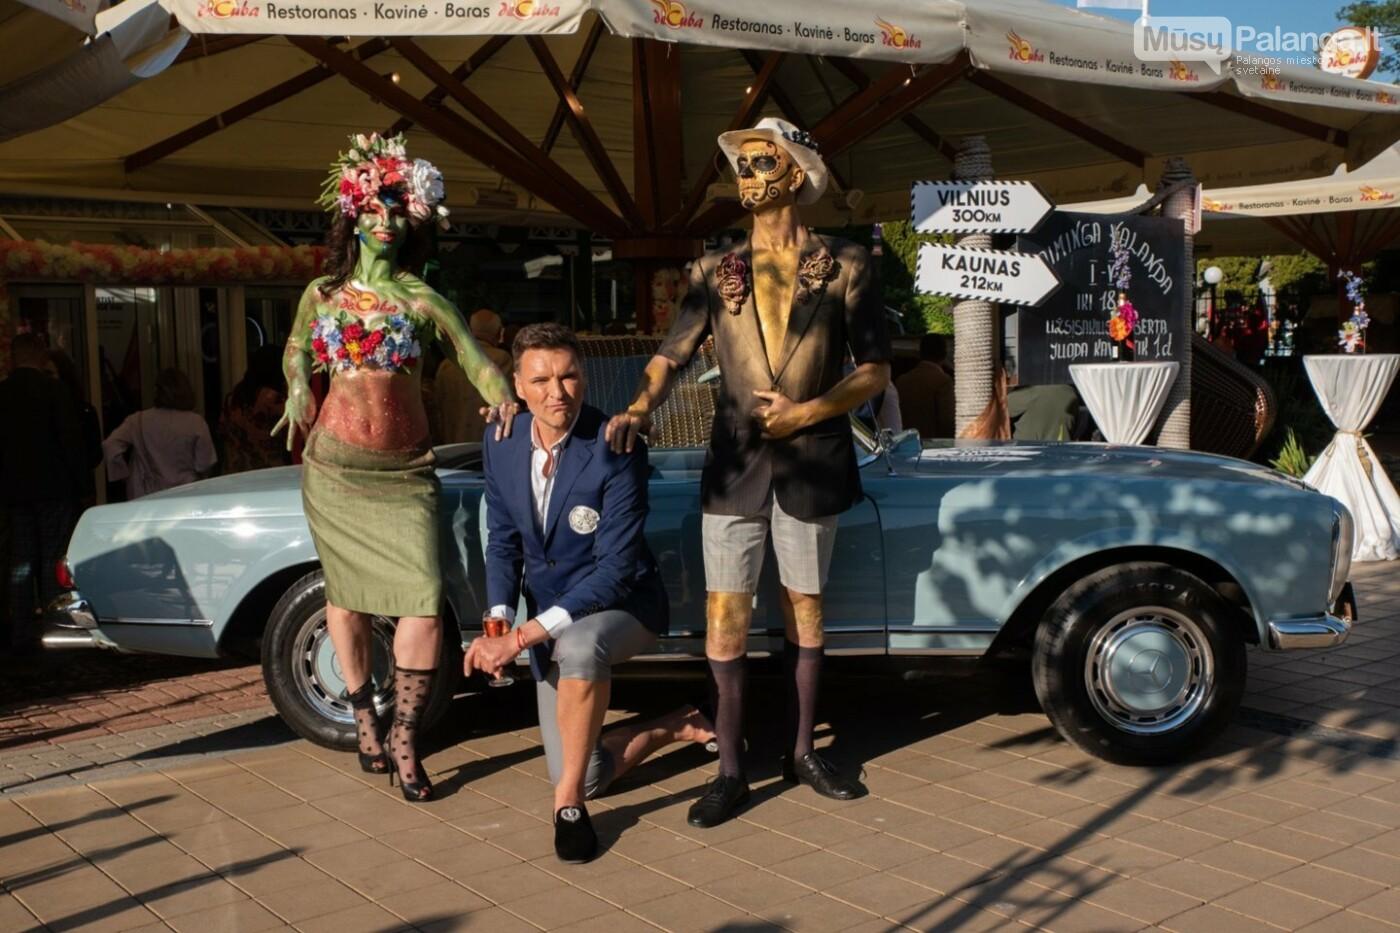 Žinomi žmonės rinkosi į Palangą: šventė restorano jubiliejų  , nuotrauka-2